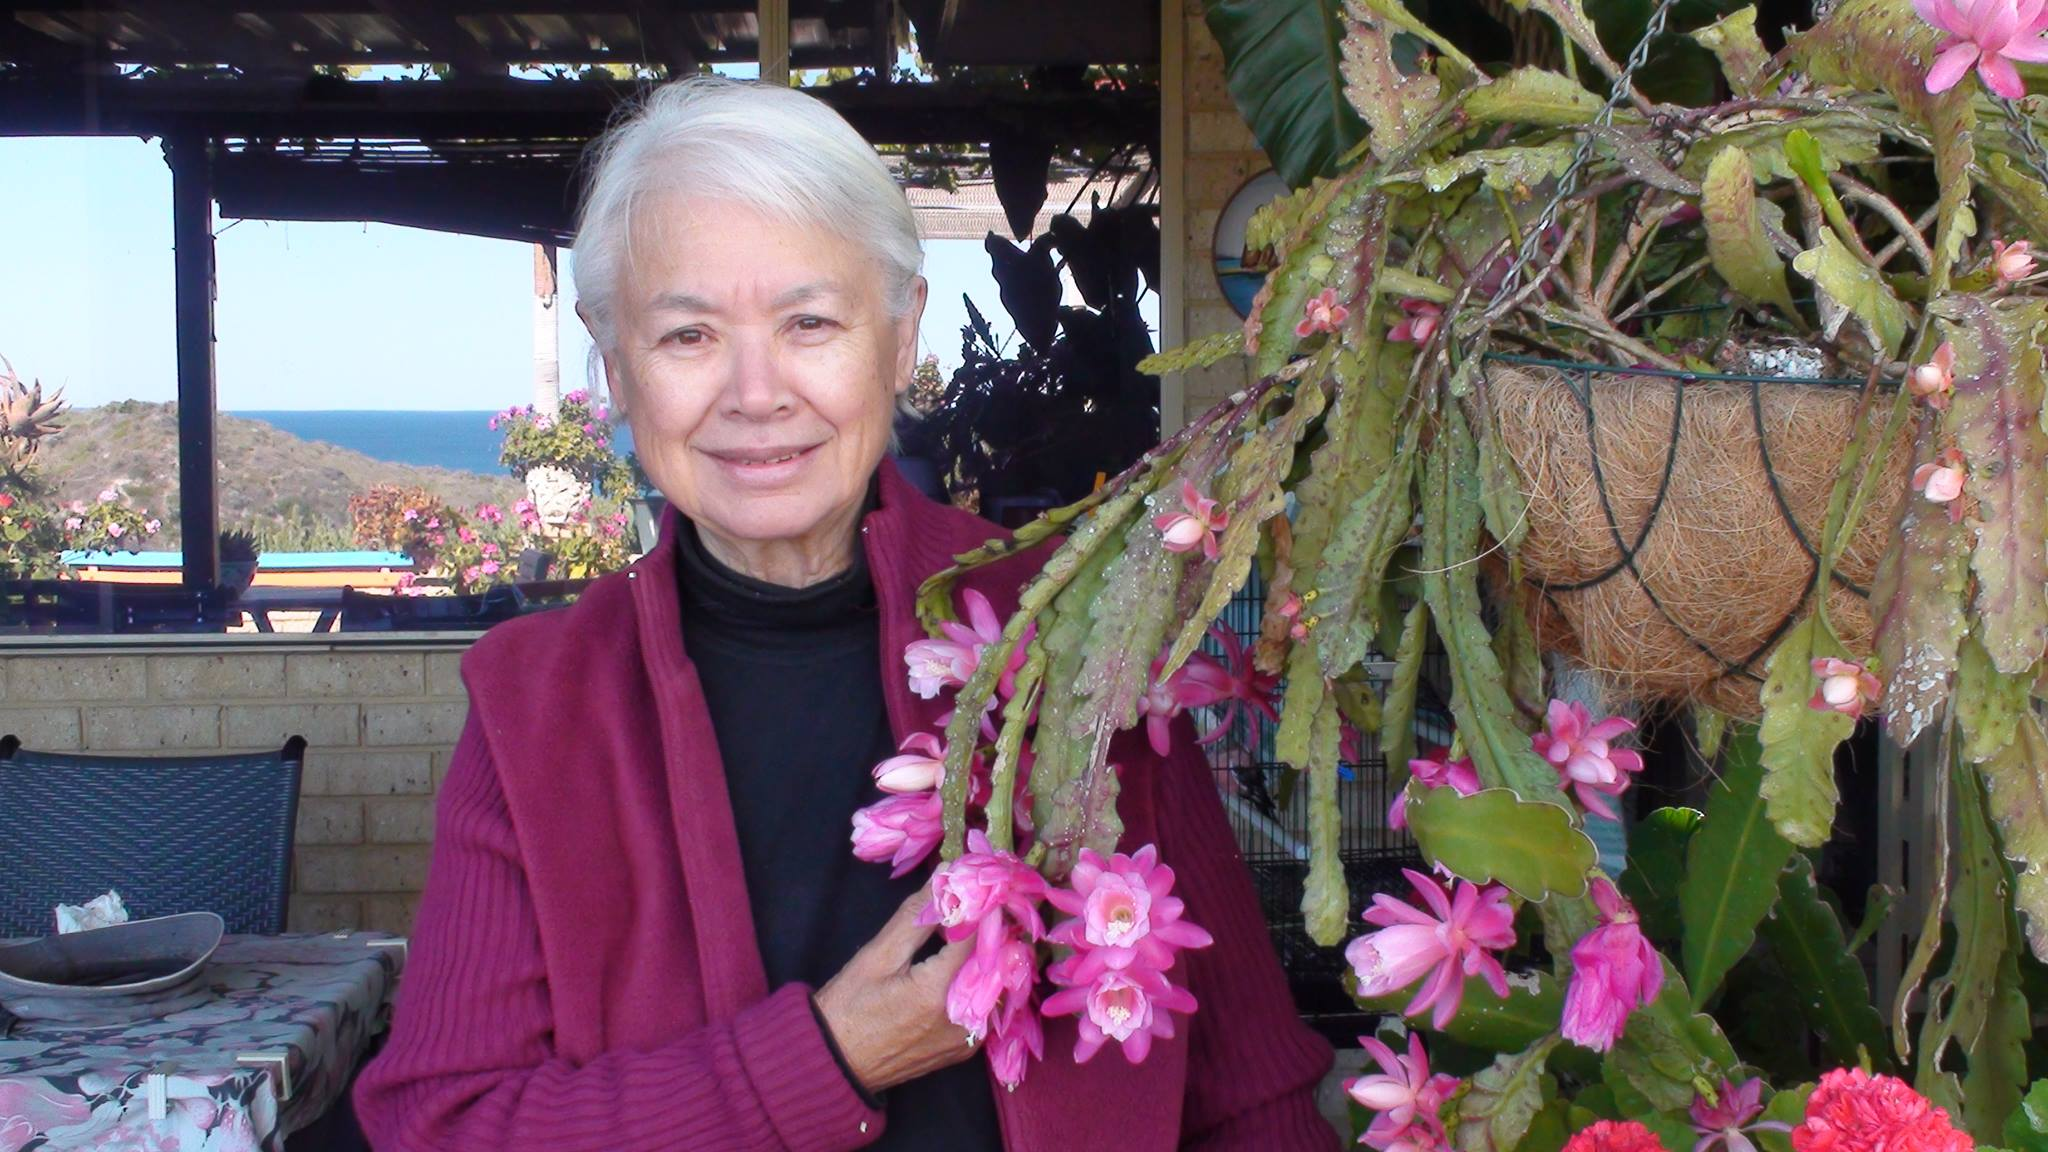 Anne Mazzella